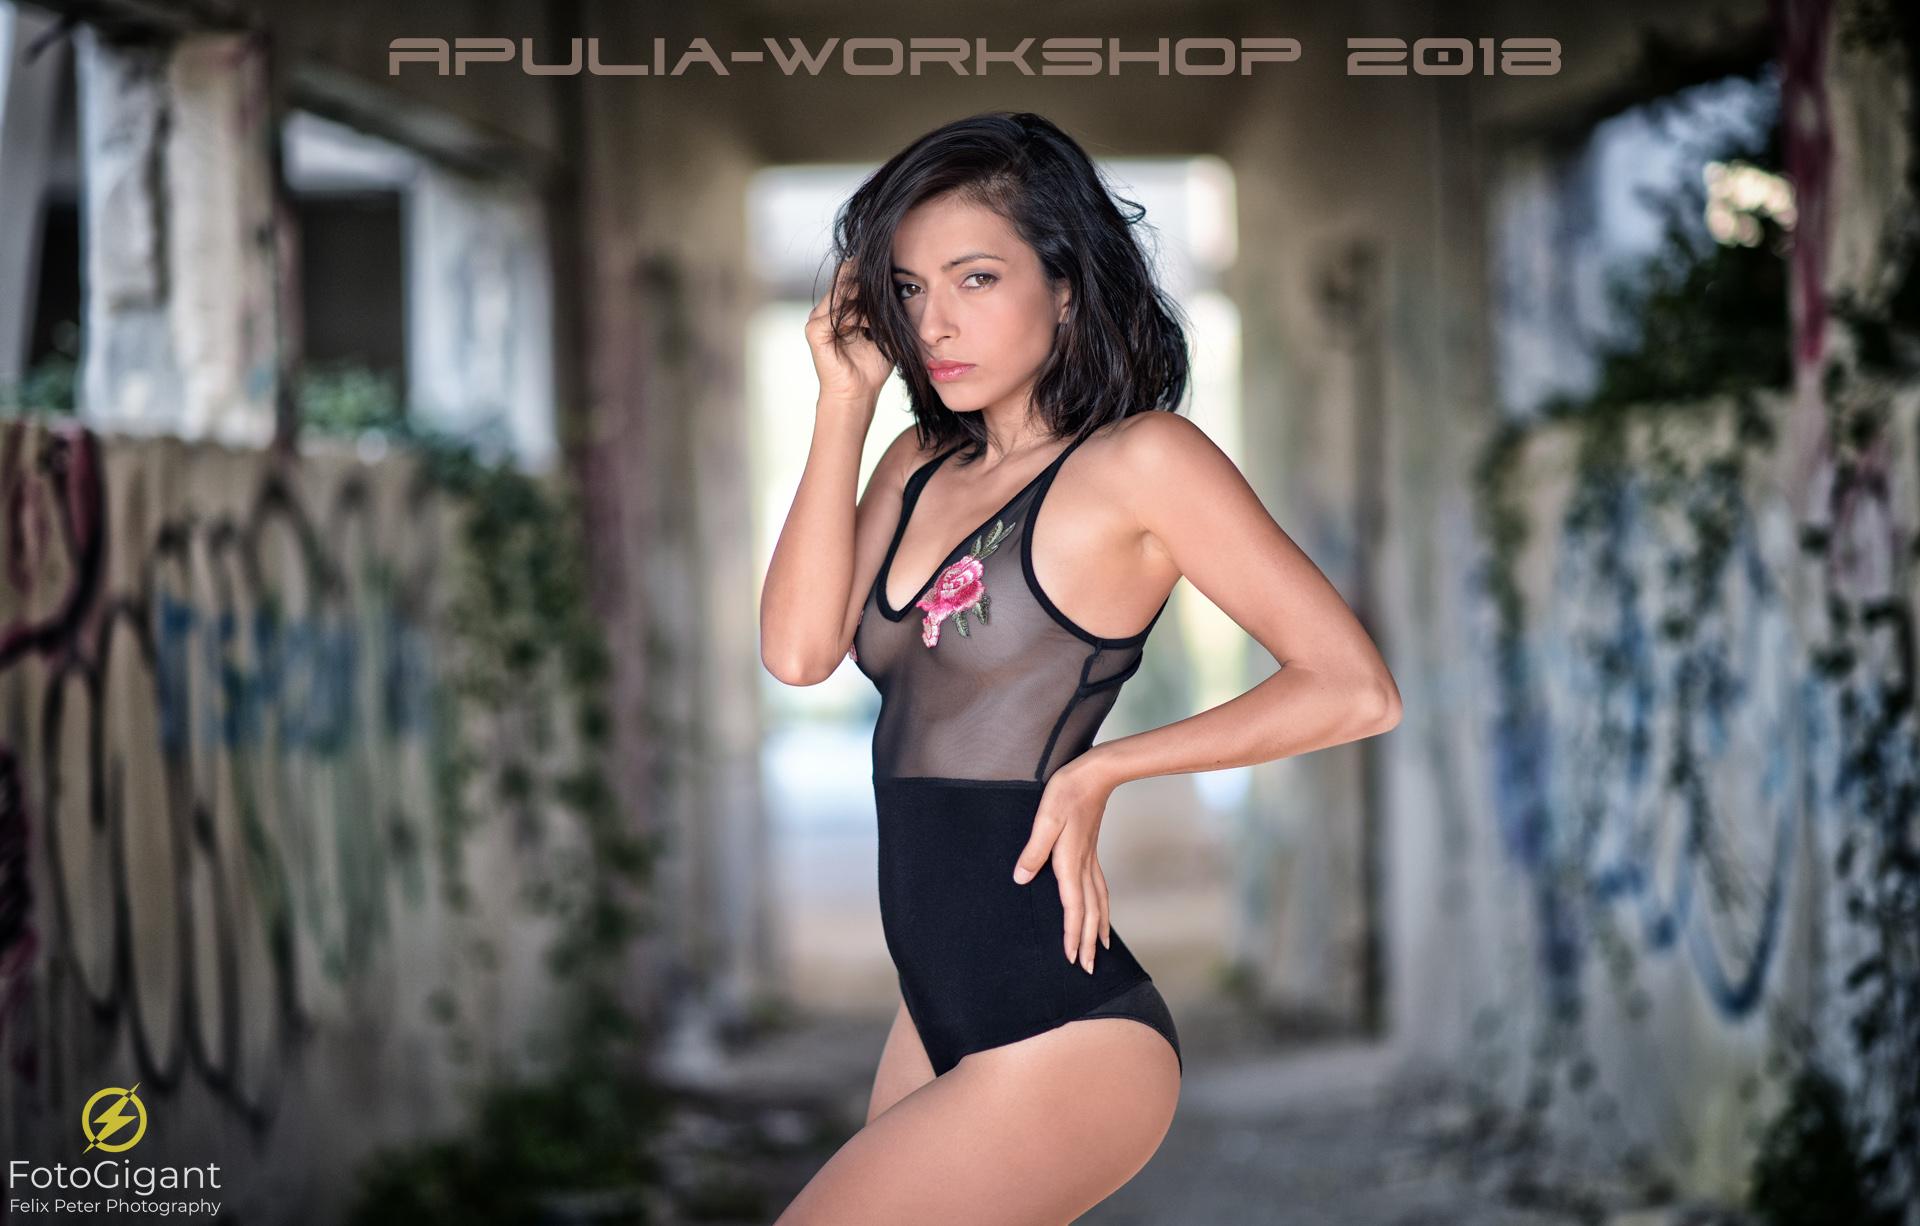 Puglia-V_Alien-Attack_337_edit2_fb.jpg